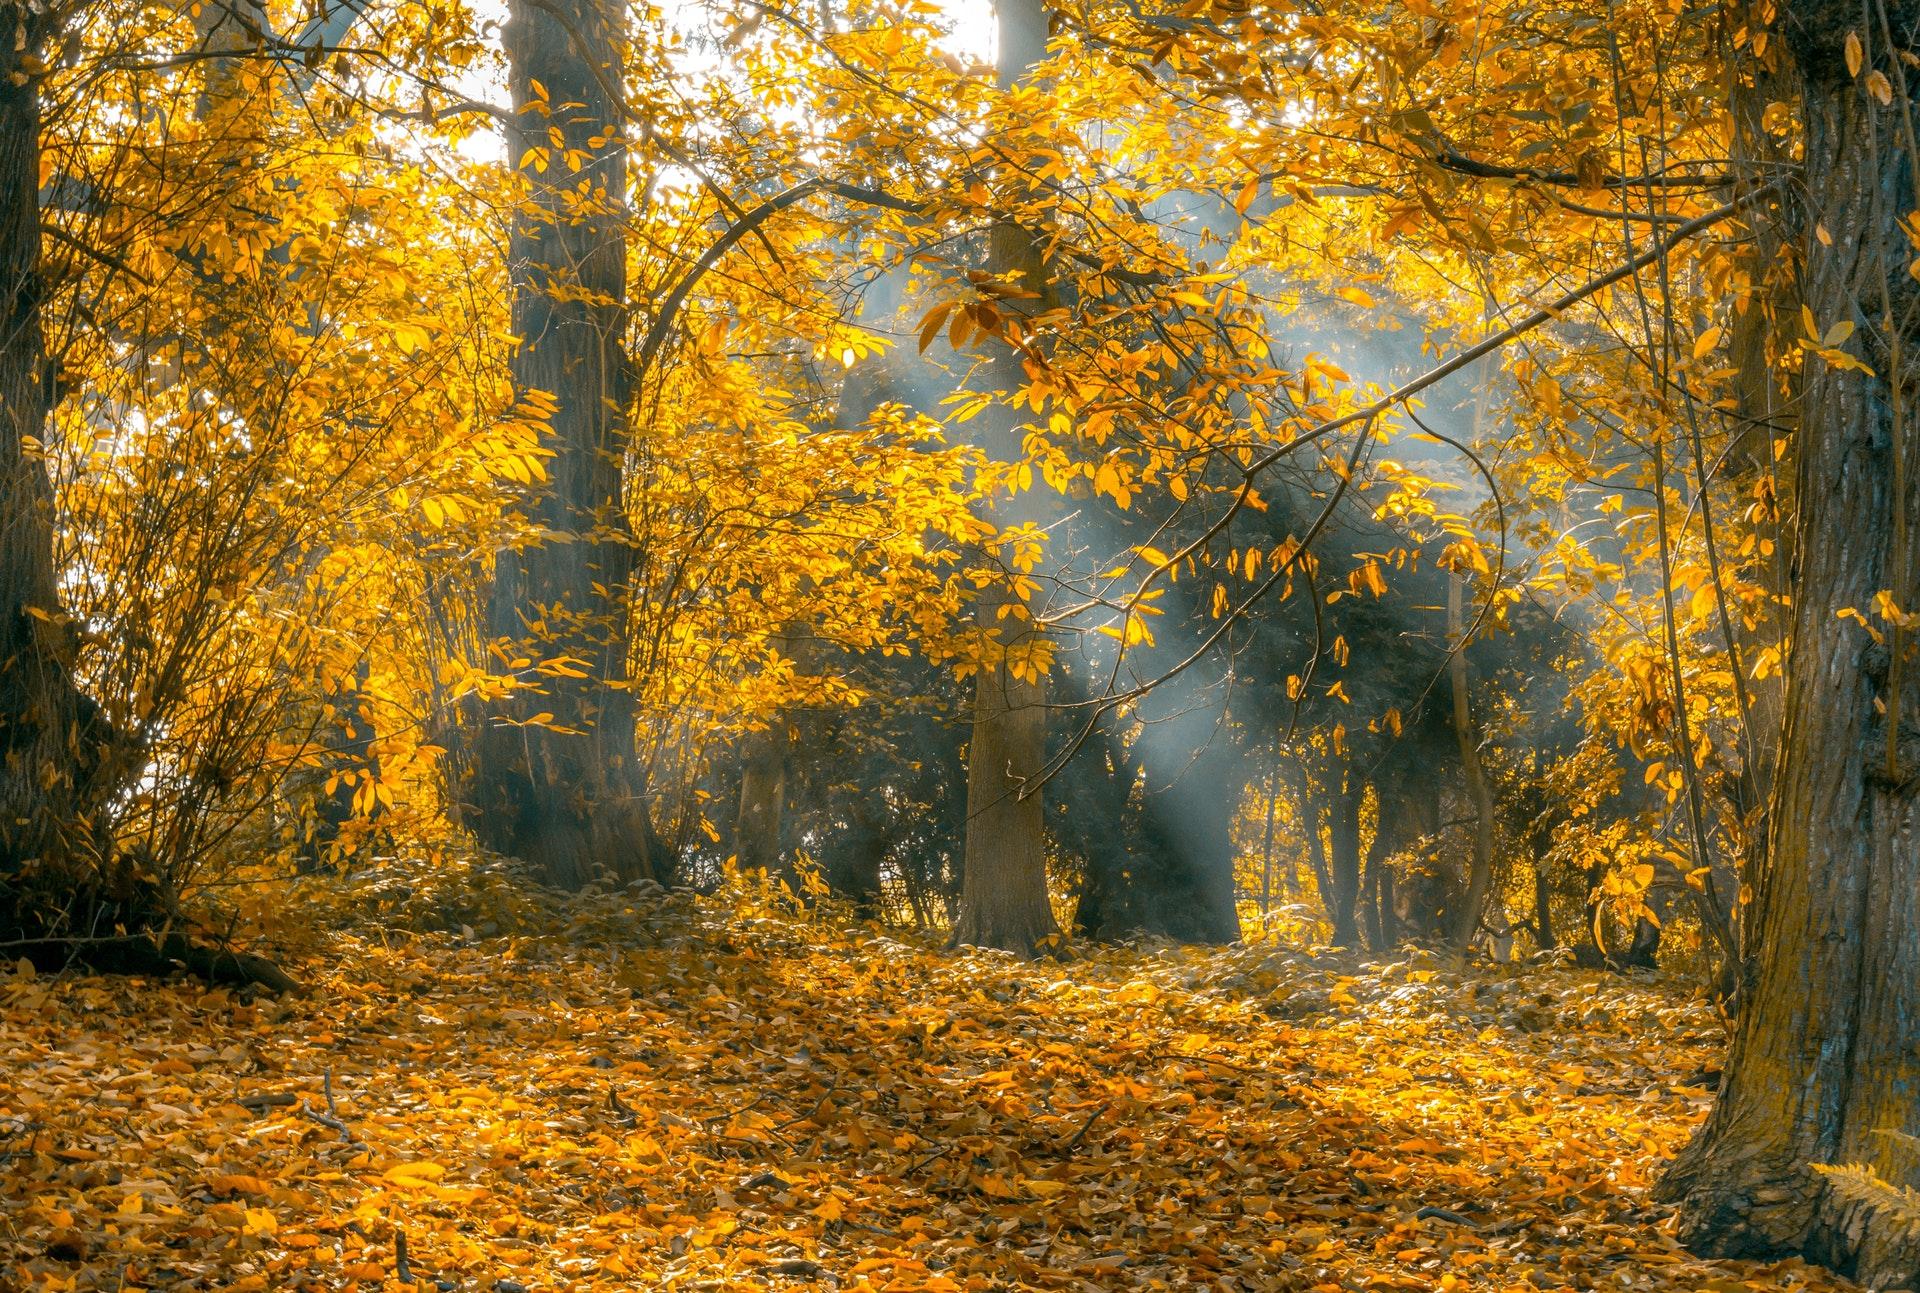 Cảnh thiên nhiên rừng thu lá vàng tuyệt đẹp